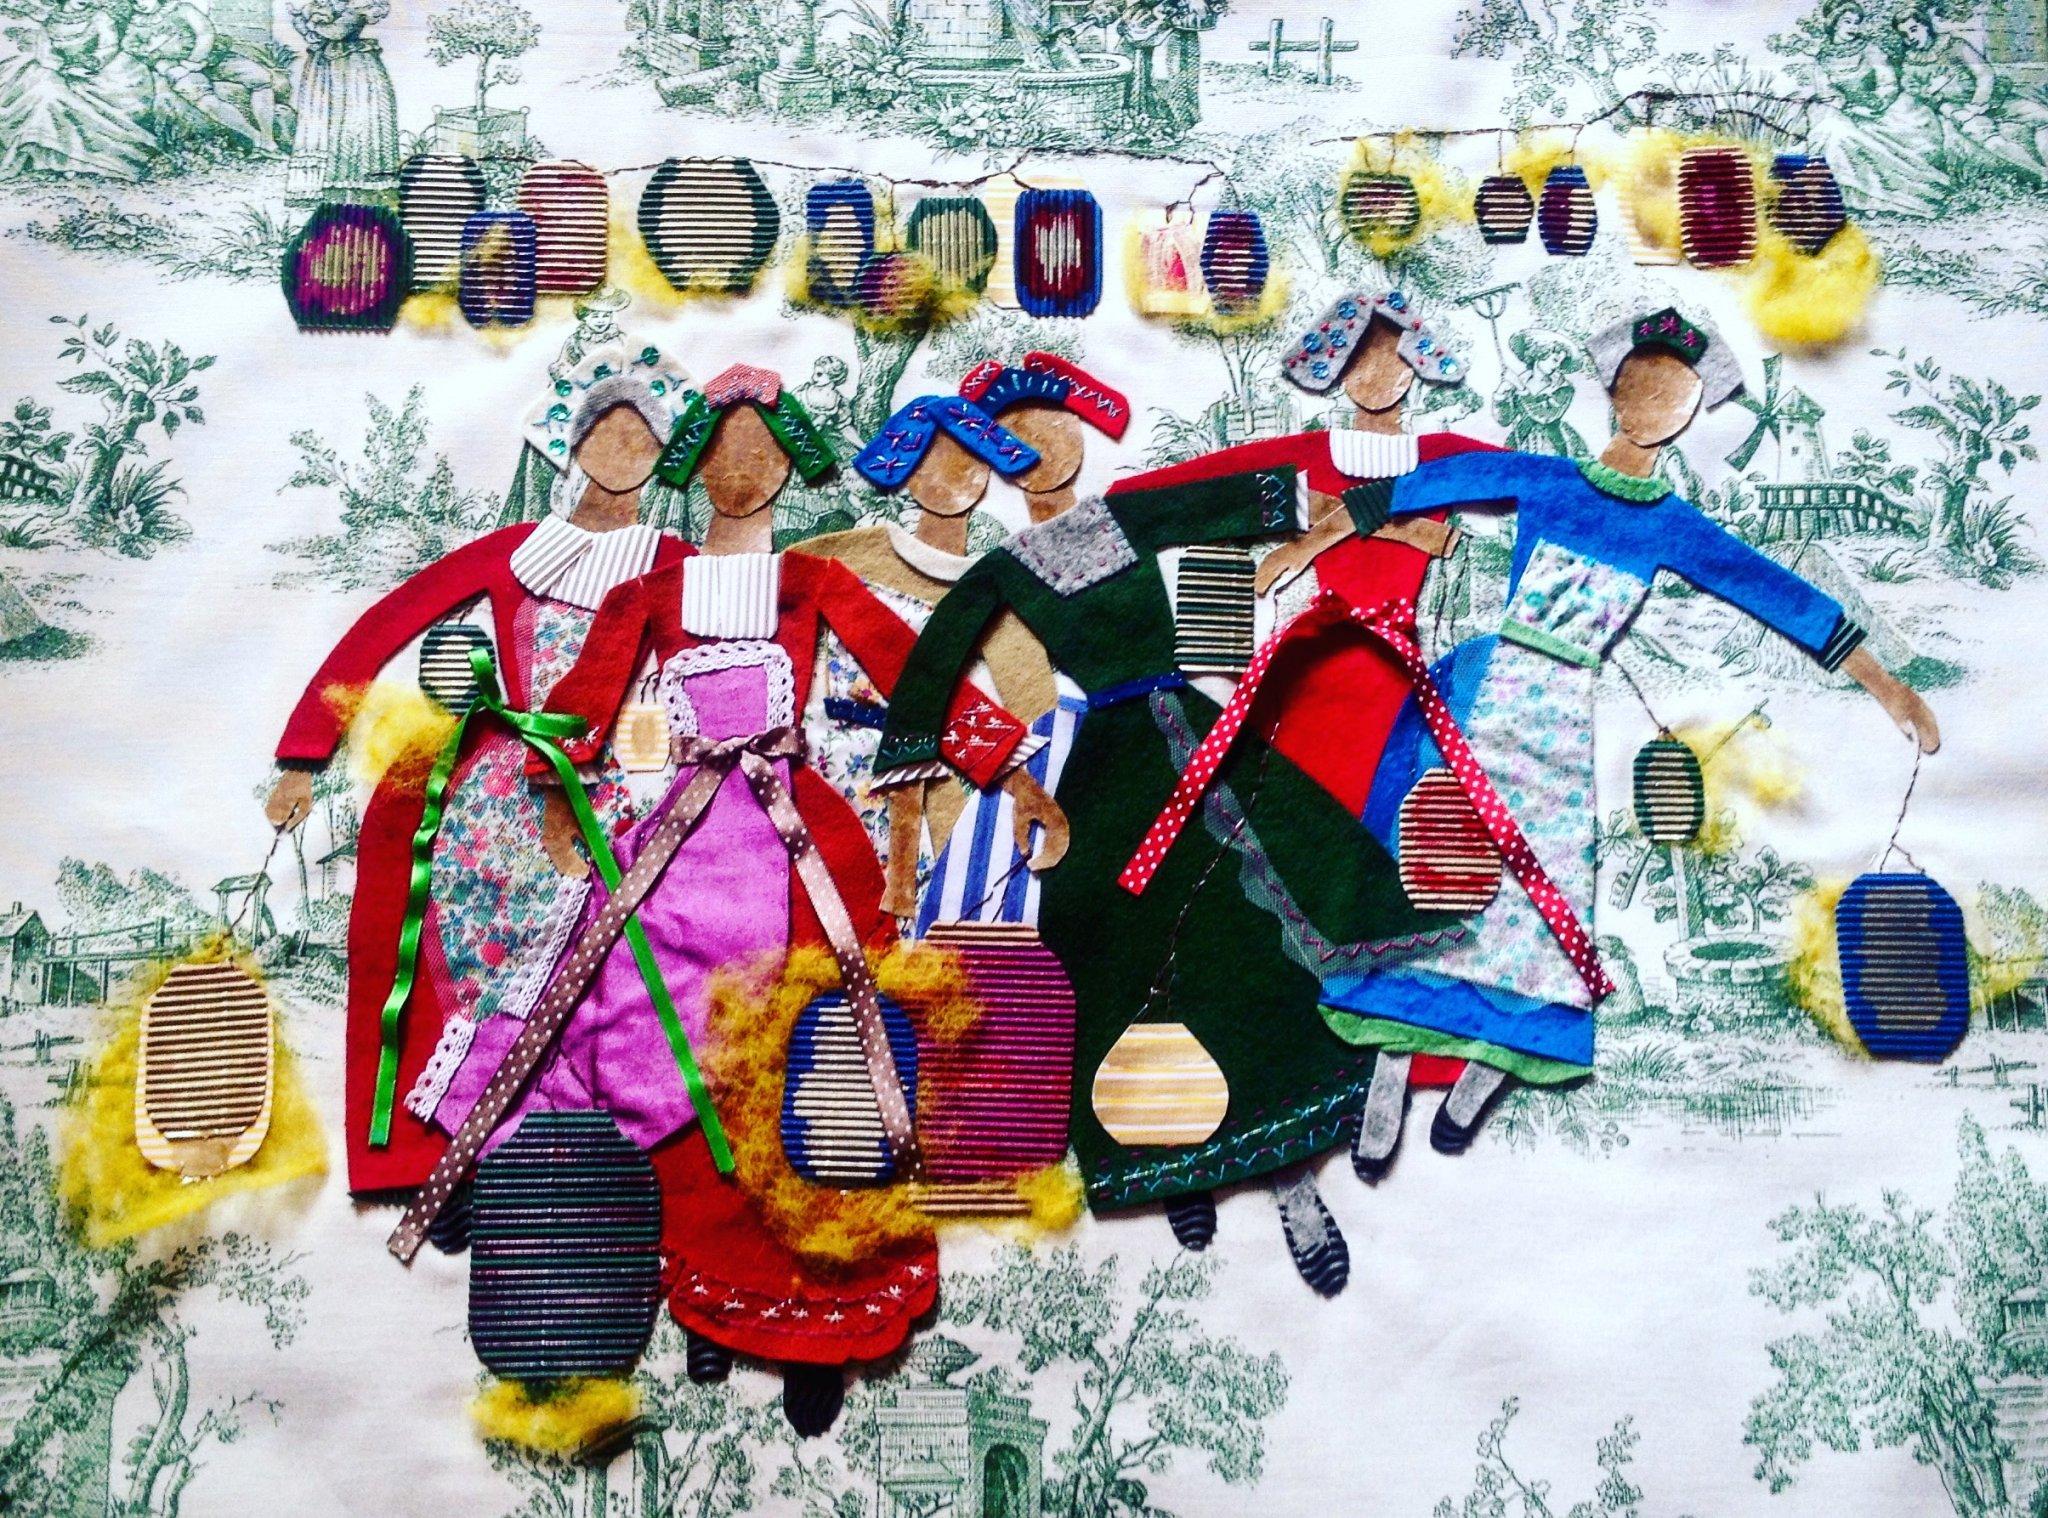 Chicas y farolillos (2017) - Ruth María Álvarez Carrasco - Baby Ruth